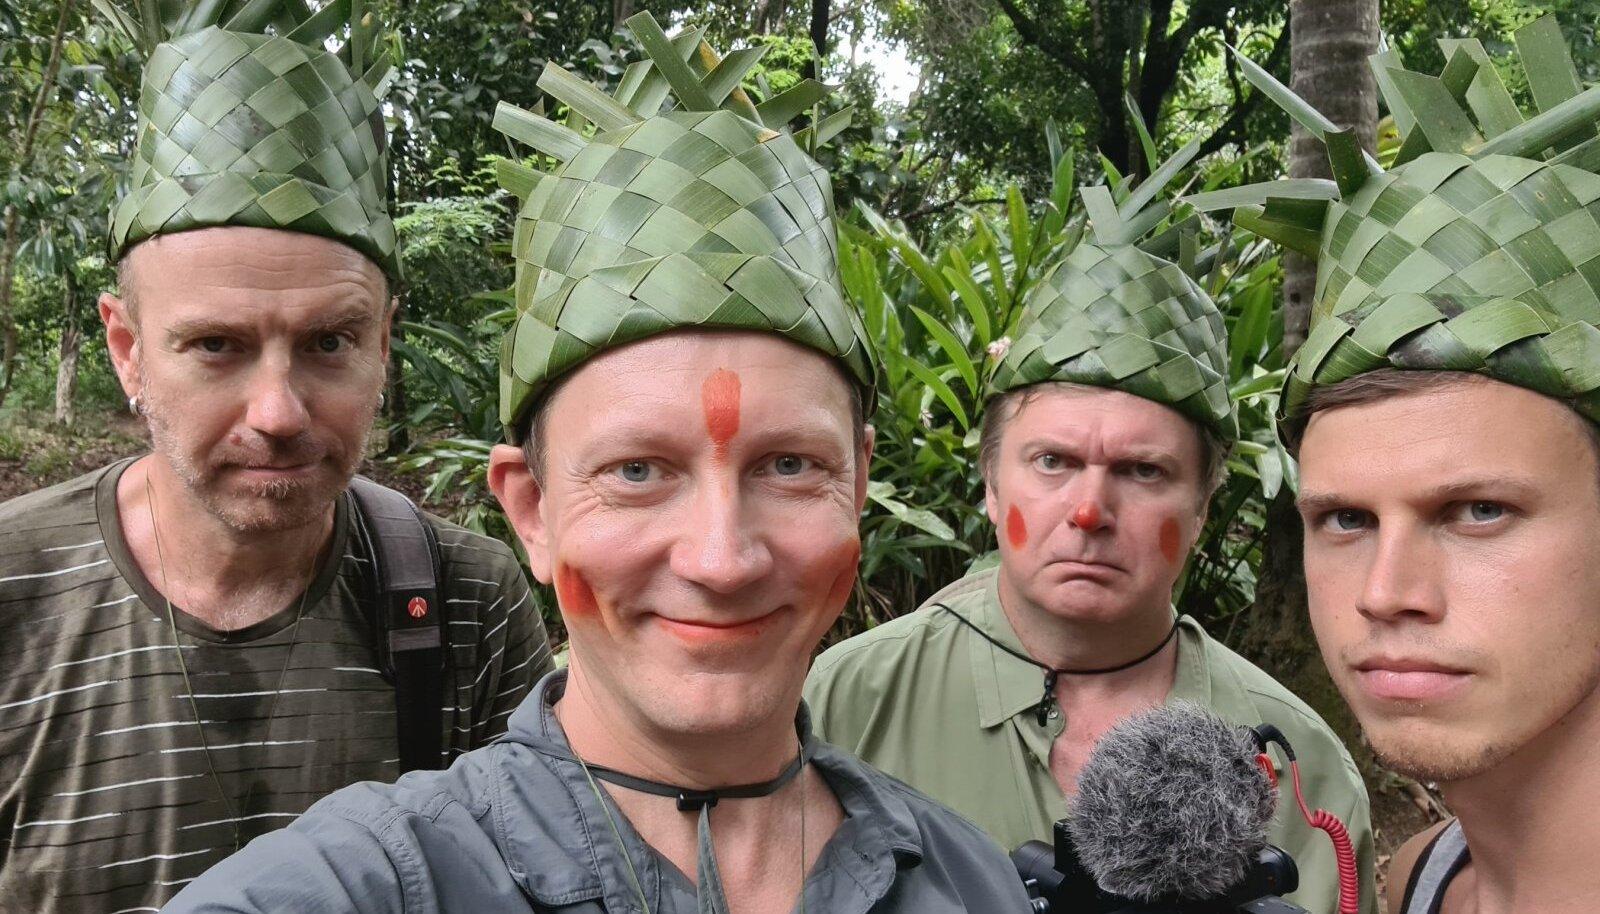 SANSIBARIL VÜRTSIKASVATUSES said rändurid, režissöör Villem Tarvas, saatejuhid Teet Margna ja Kristjan Jõekalda ning operaator Madis Reimund pähe banaanilehtedest punutud mütsid.